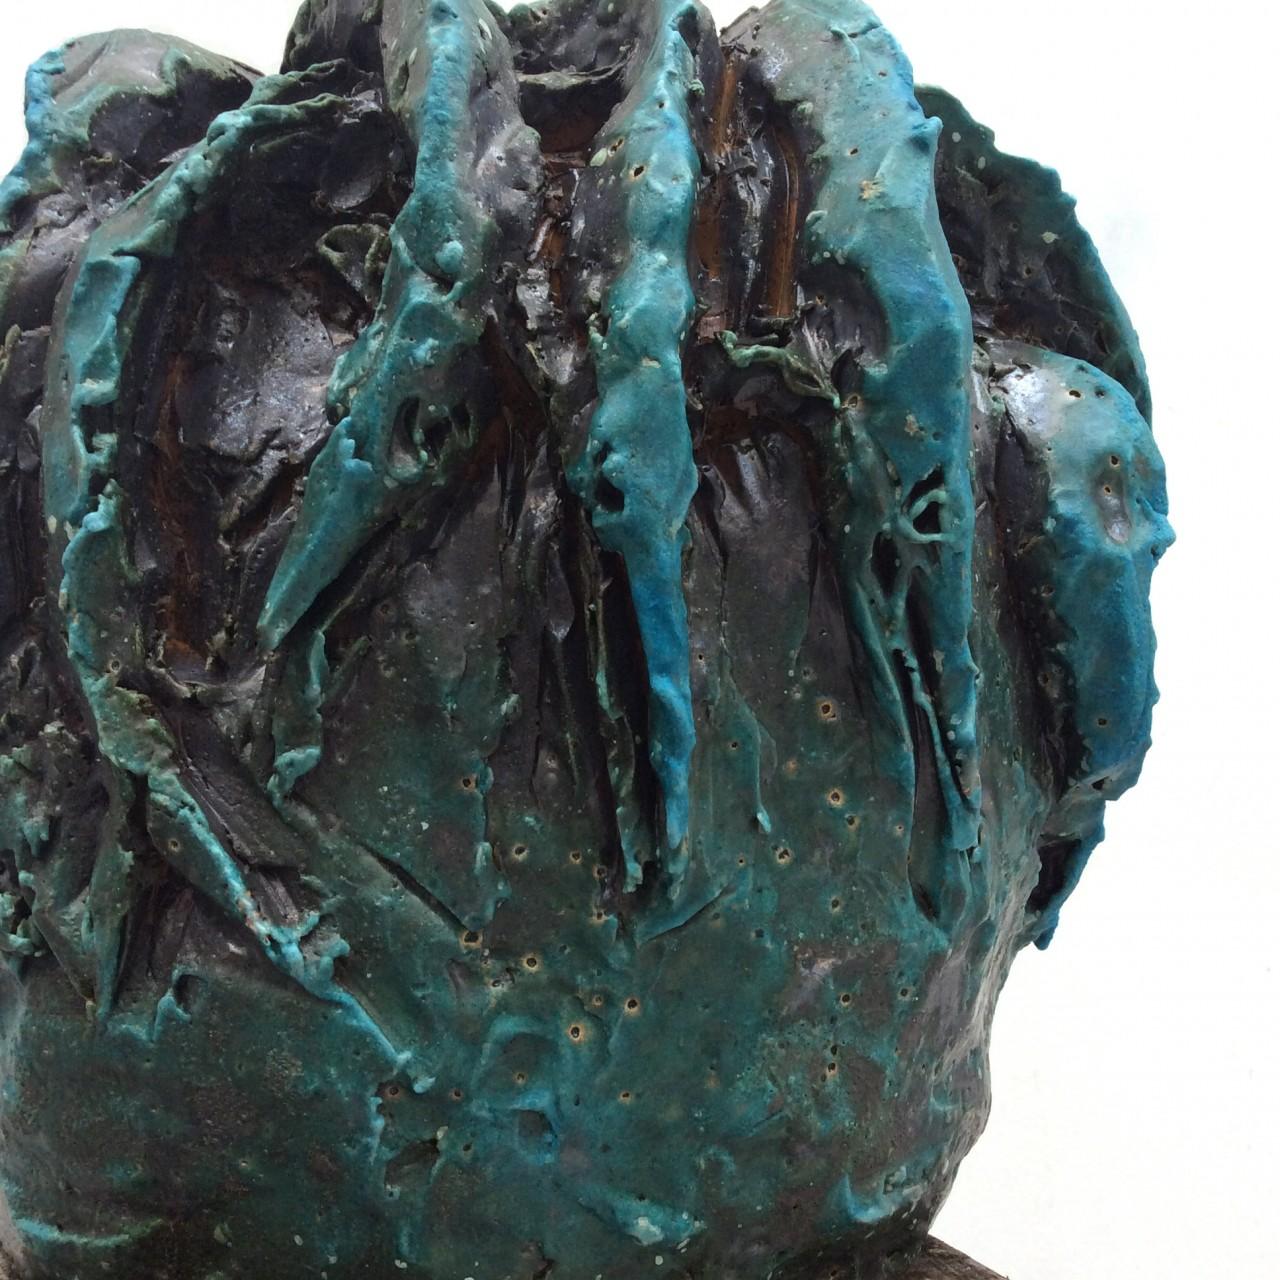 vase-ceramique-dedans-la-mer-laurent-esquerre-6